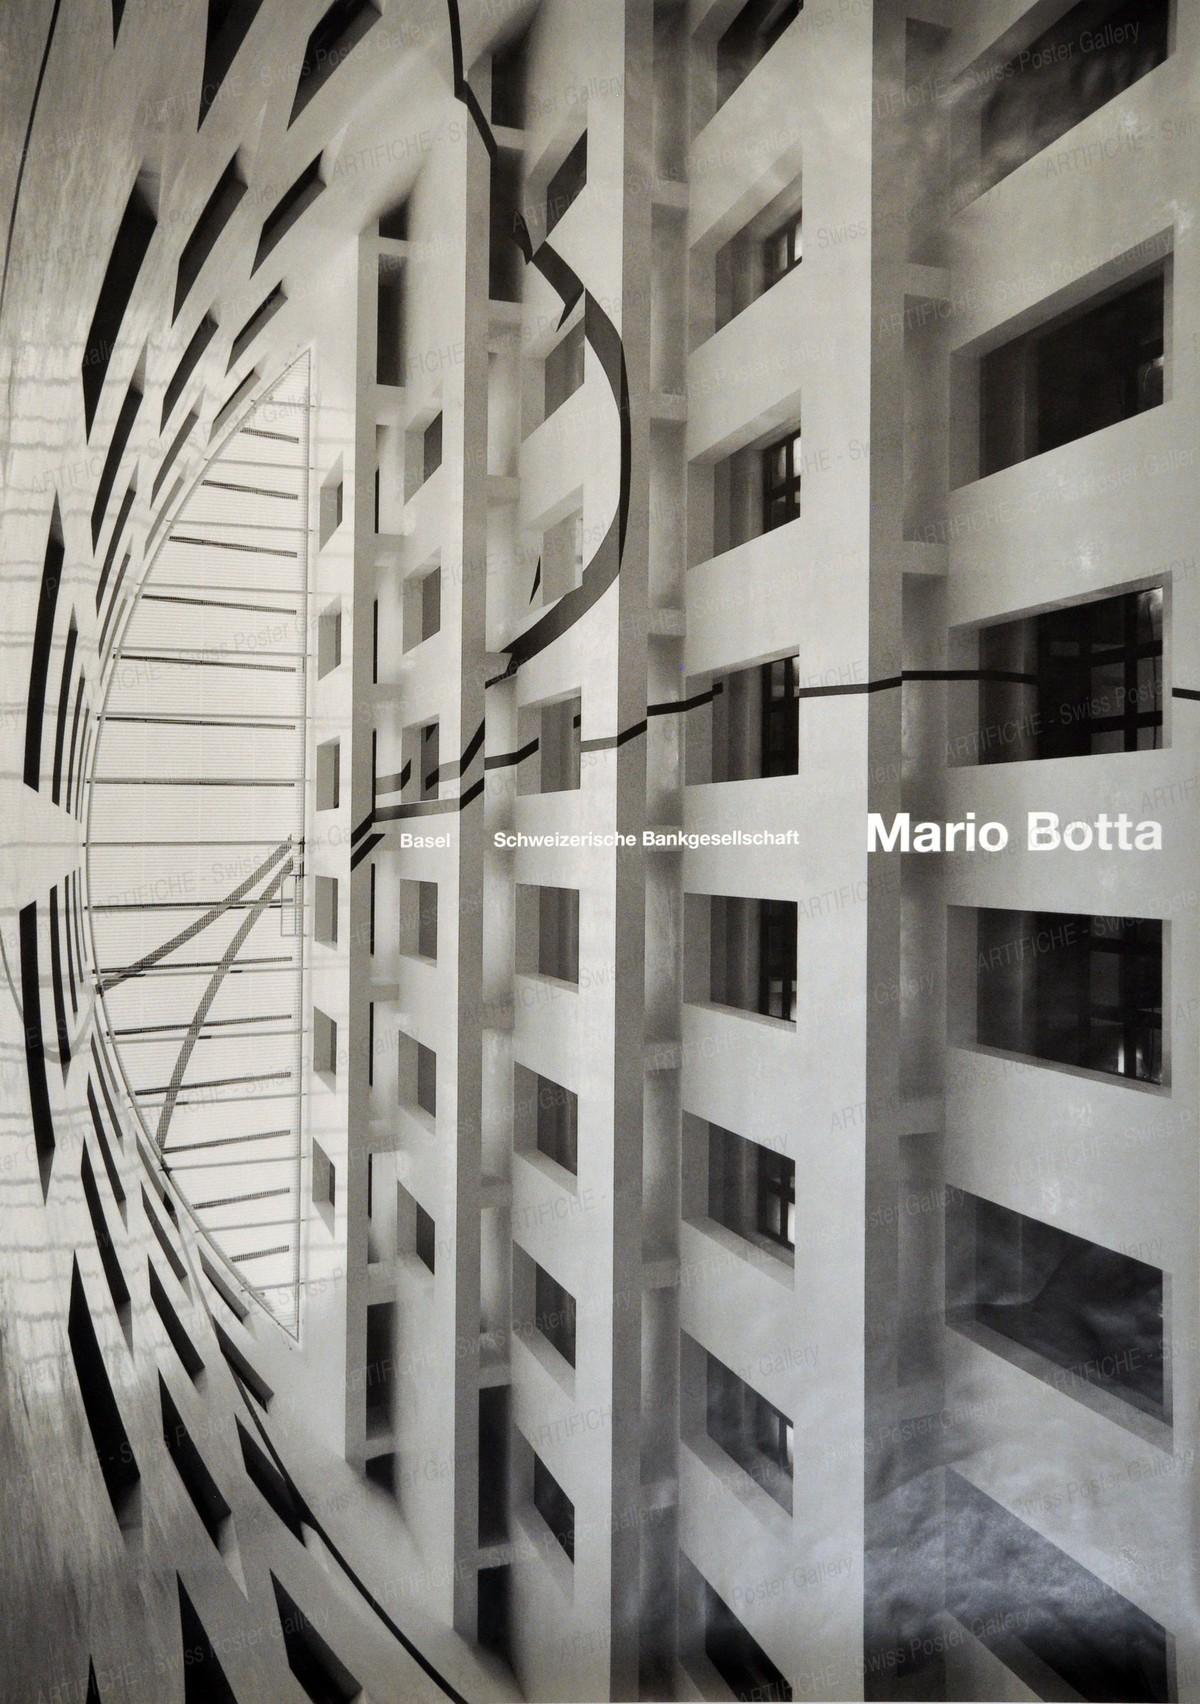 Basel – Schweizerische Bankgesellschaft – Mario Botta, Werner Jeker